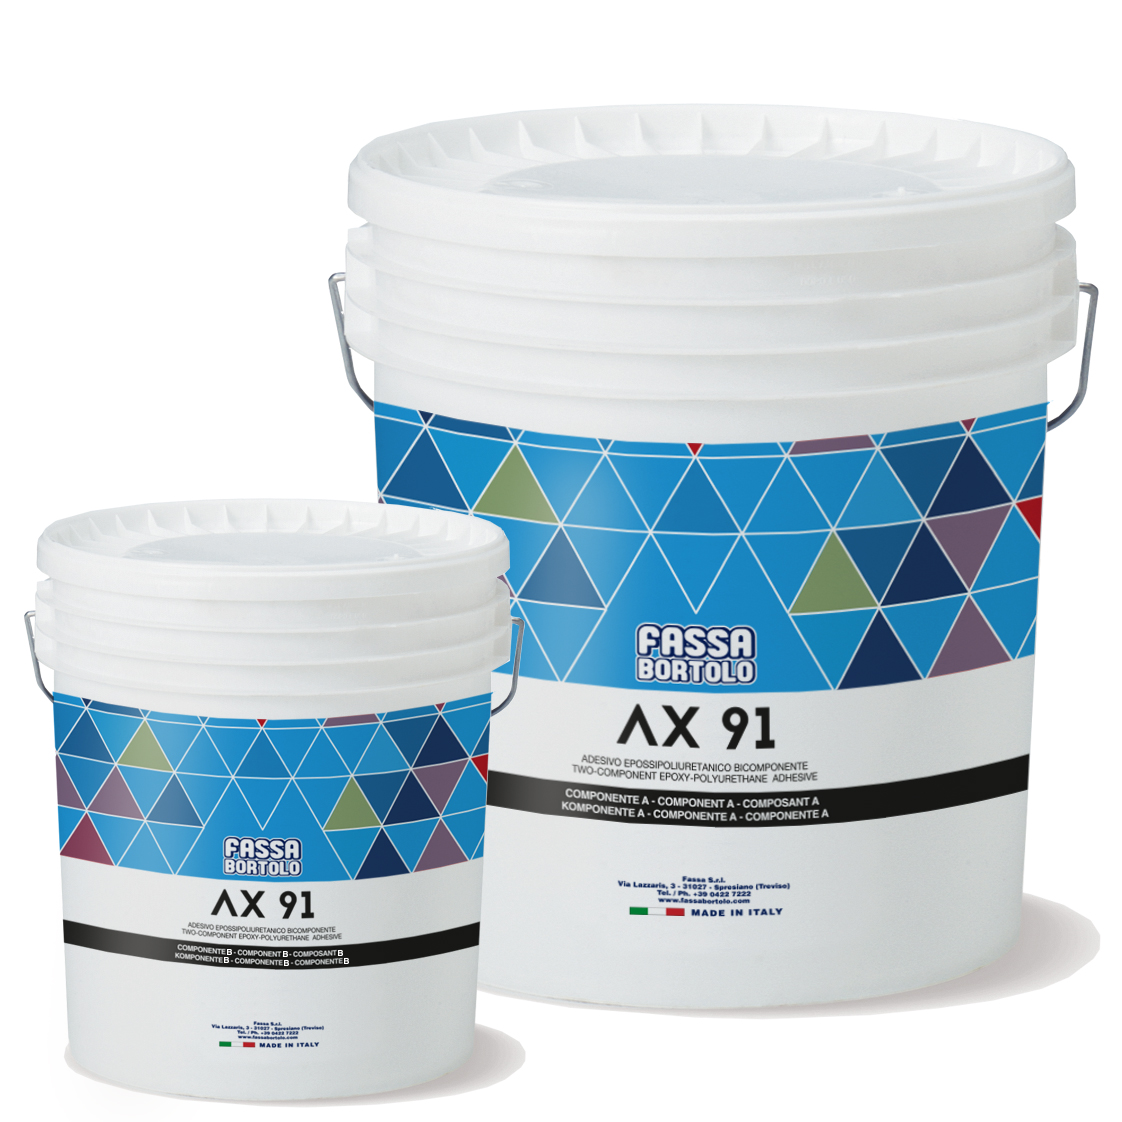 AX 91: Adesivo epossipoliuretanico bicomponente, bianco e grigio, ad altissima flessibilità, per interni ed esterni